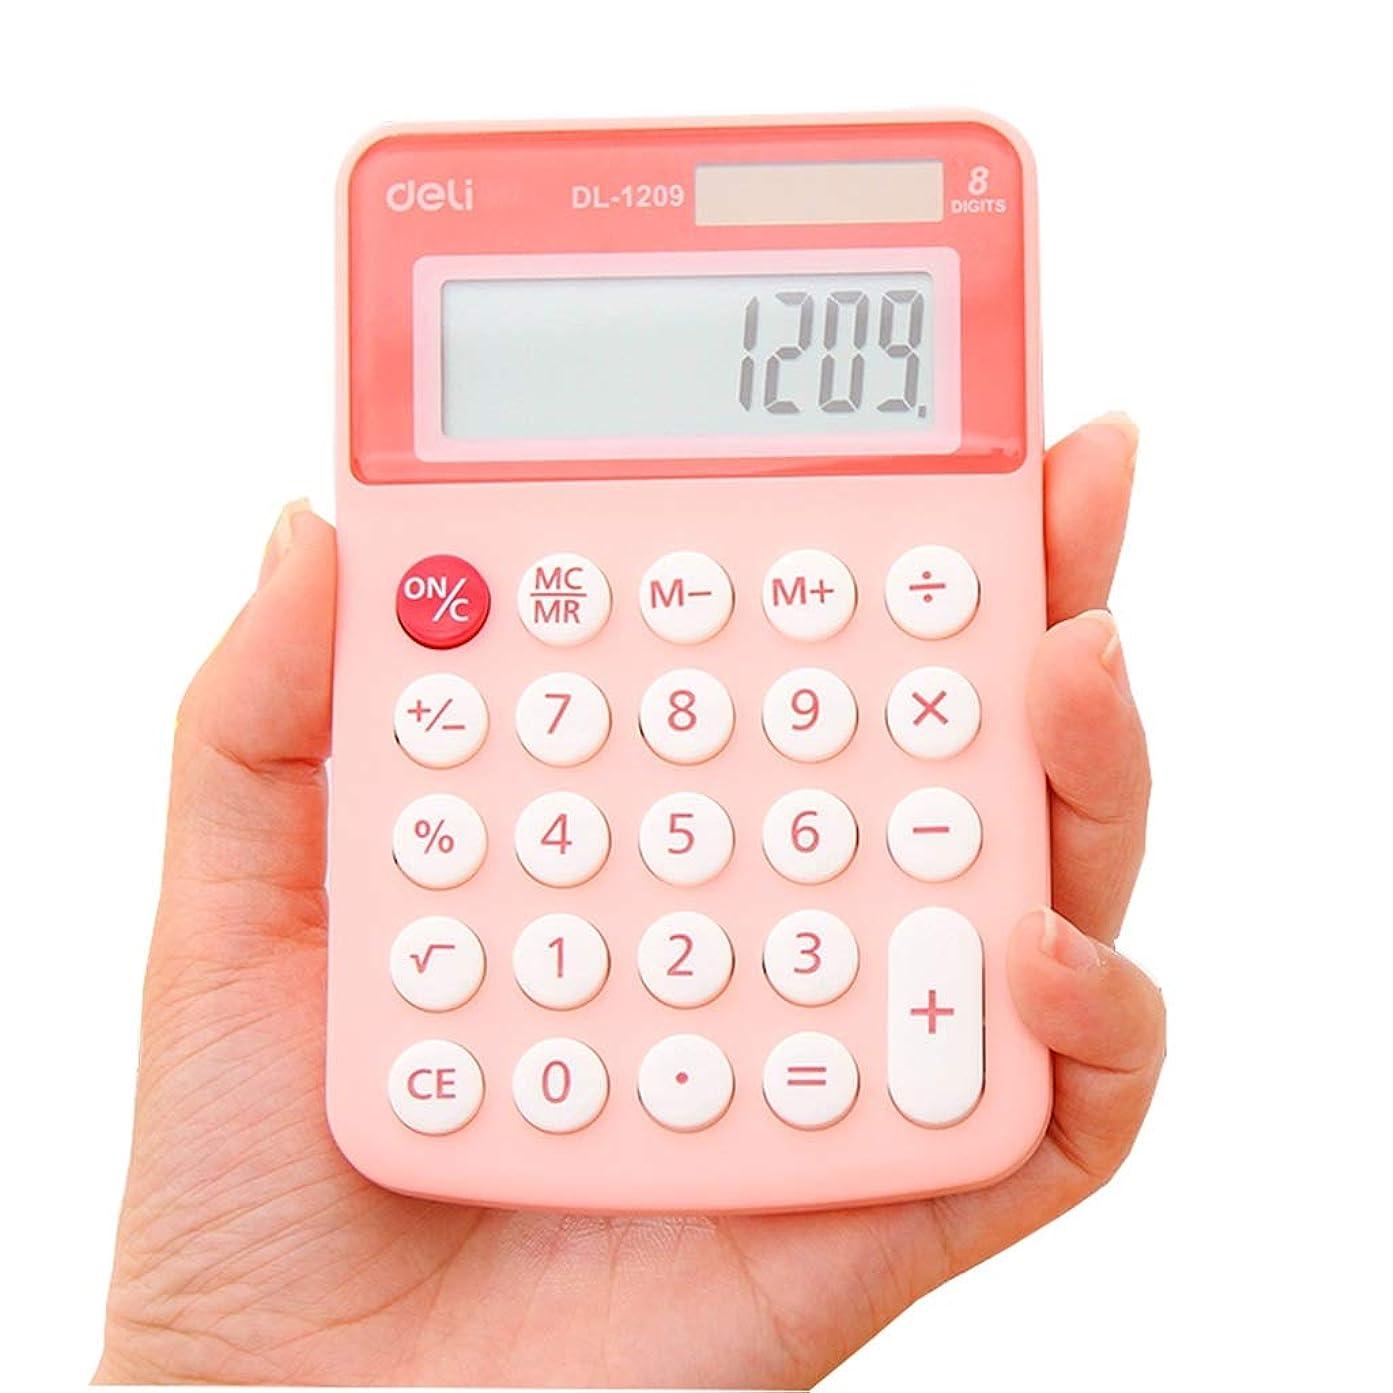 クリープまともな農学デスクトップ計算機 デスクトップ計算機 大型LCDモニター 電子計算機 電子計算機 太陽電池デュアルパワーオフィス計算機 太陽電池デュアルパワーオフィス計算機 大型LCDモニター T-50 (Pink)